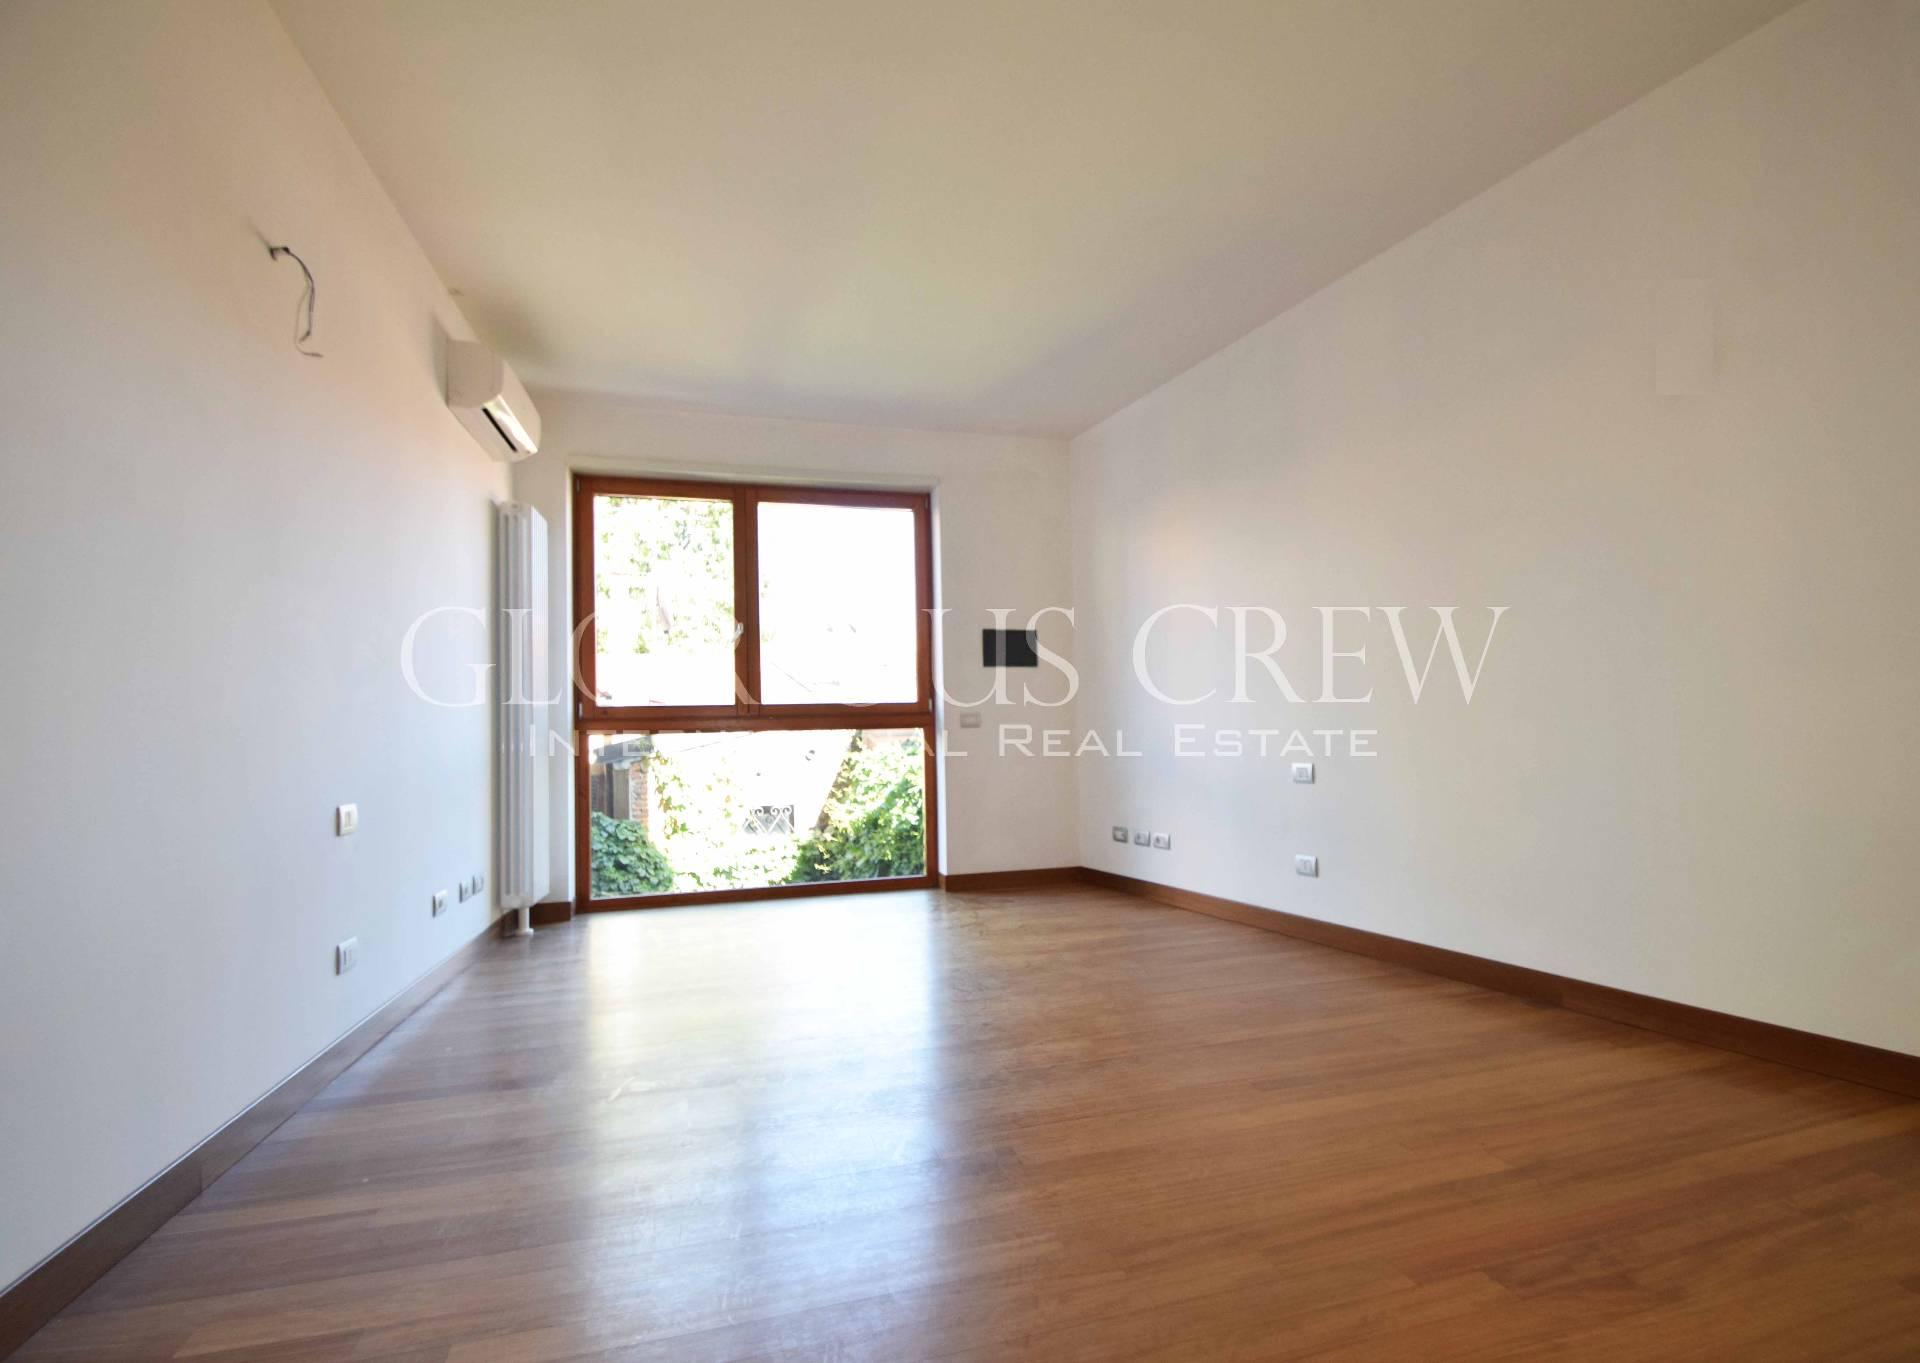 Appartamento in Vendita a Milano corso luigi manusardi